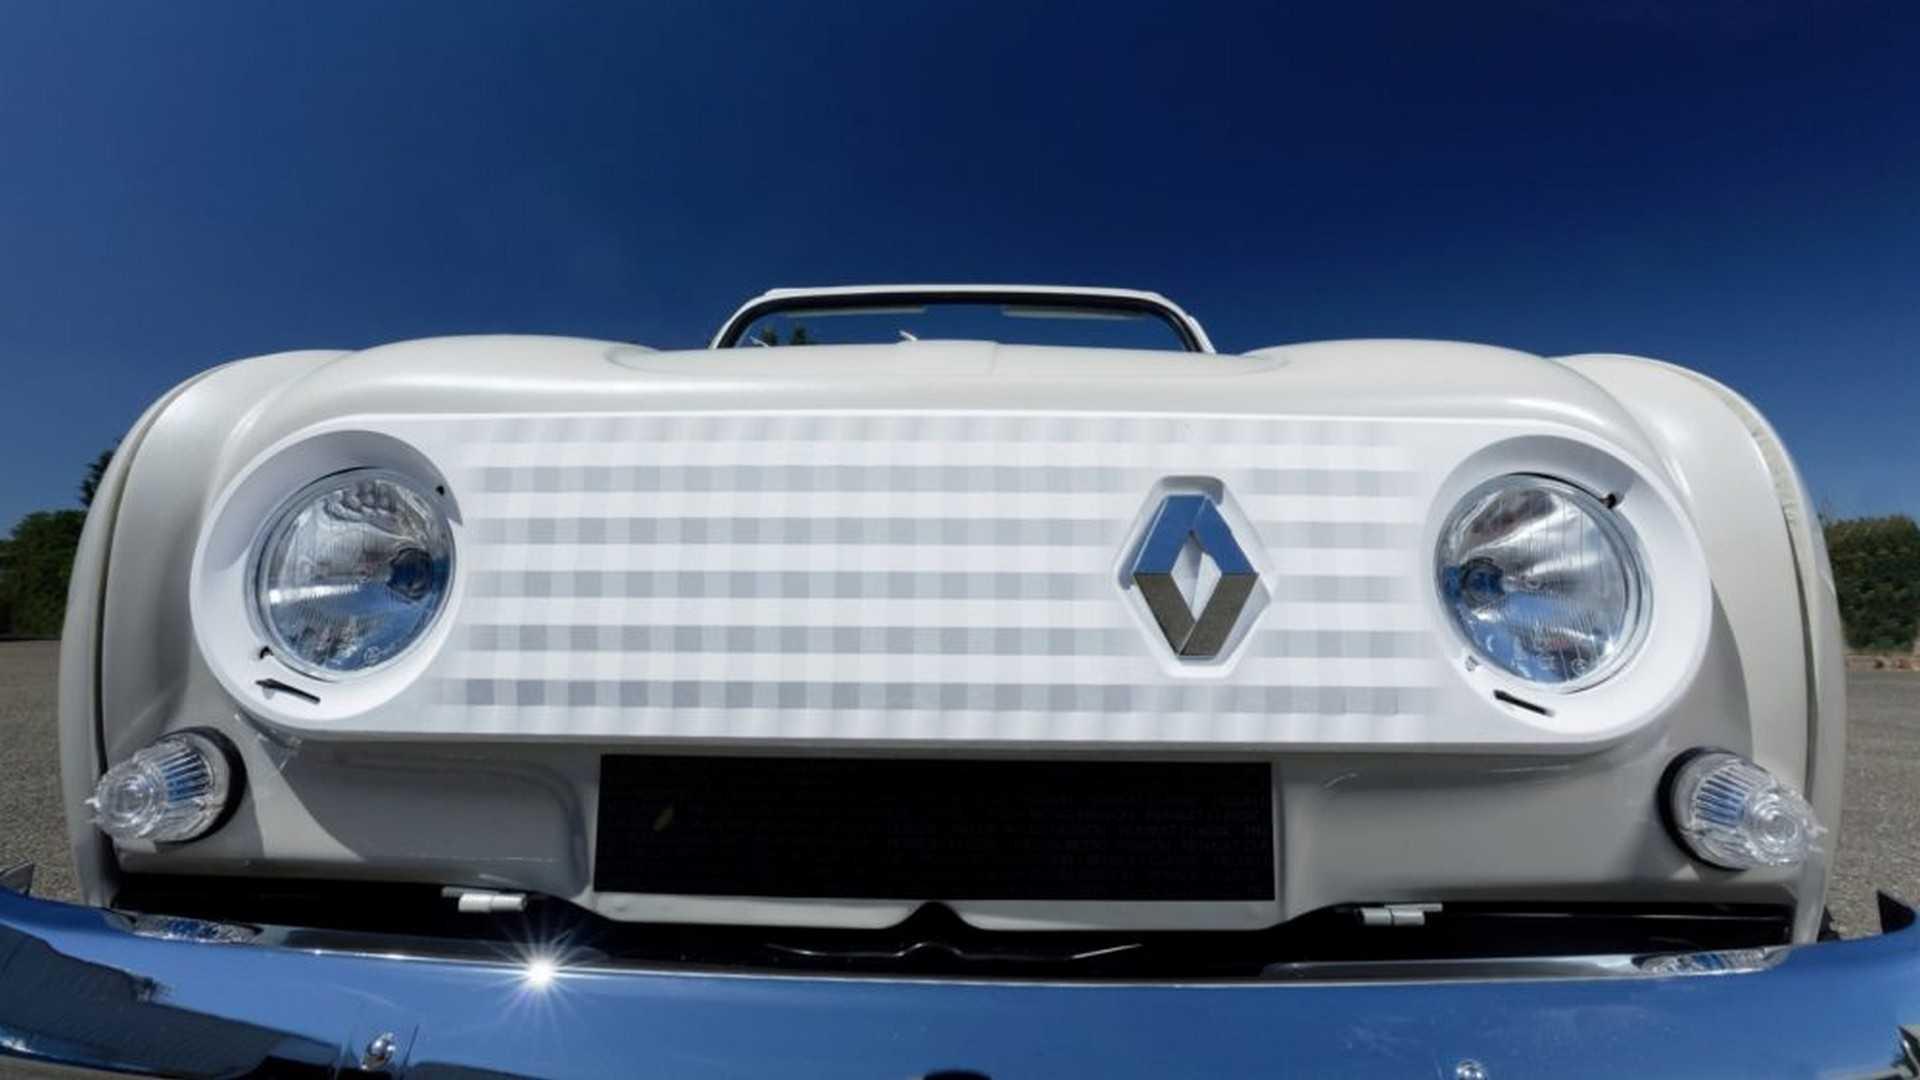 รถพลังงานไฟฟ้า แนวย้อนยุค